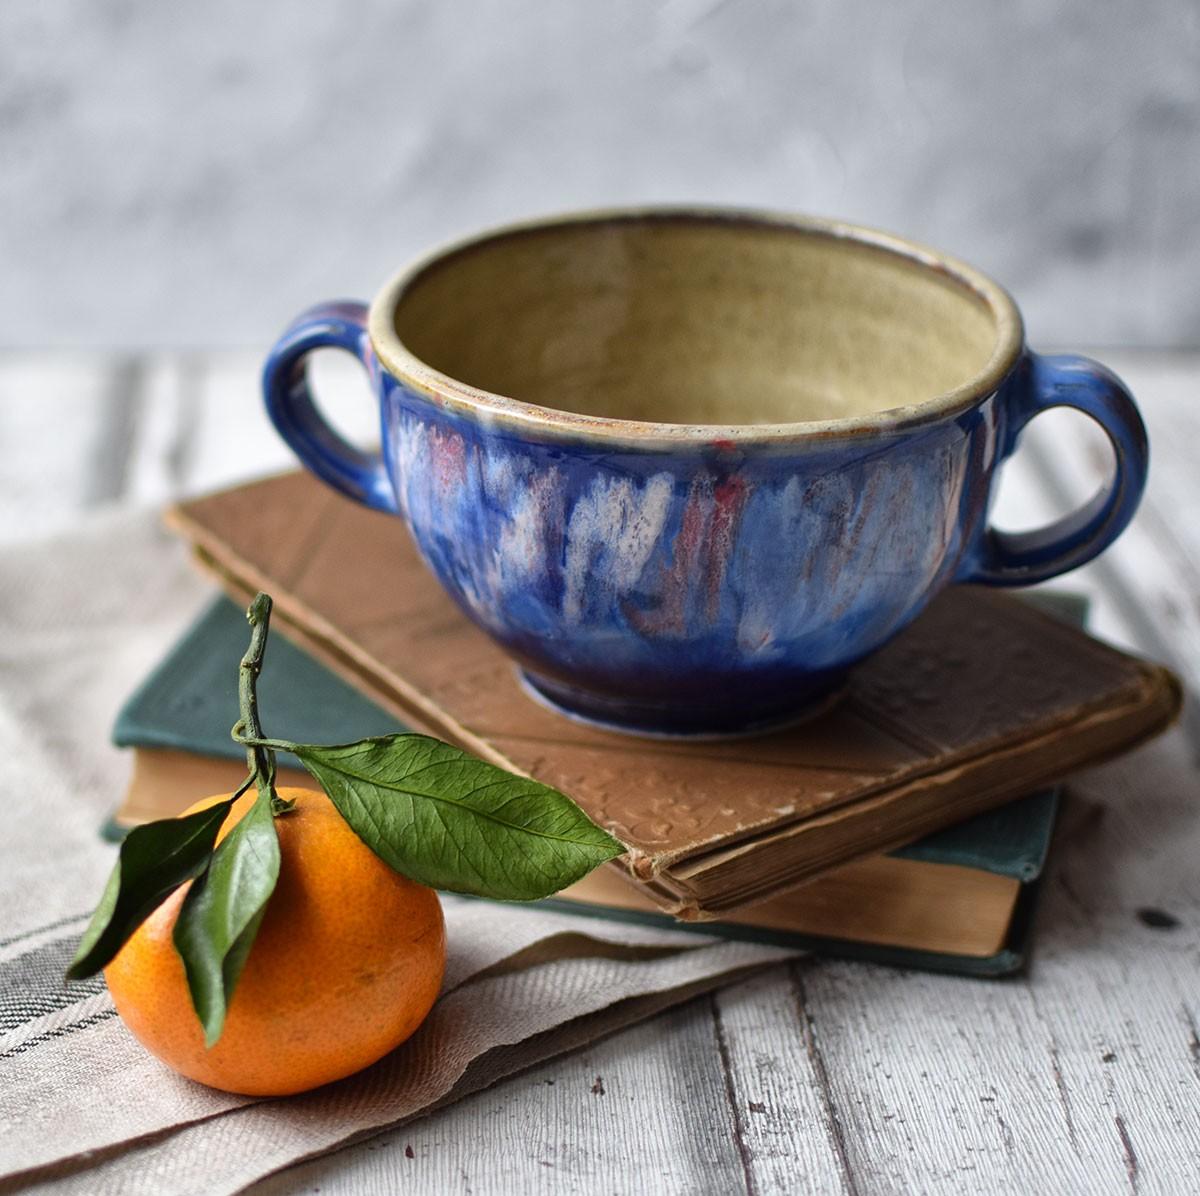 картинка Керамическая чаша для бульона - DishWishes.Ru